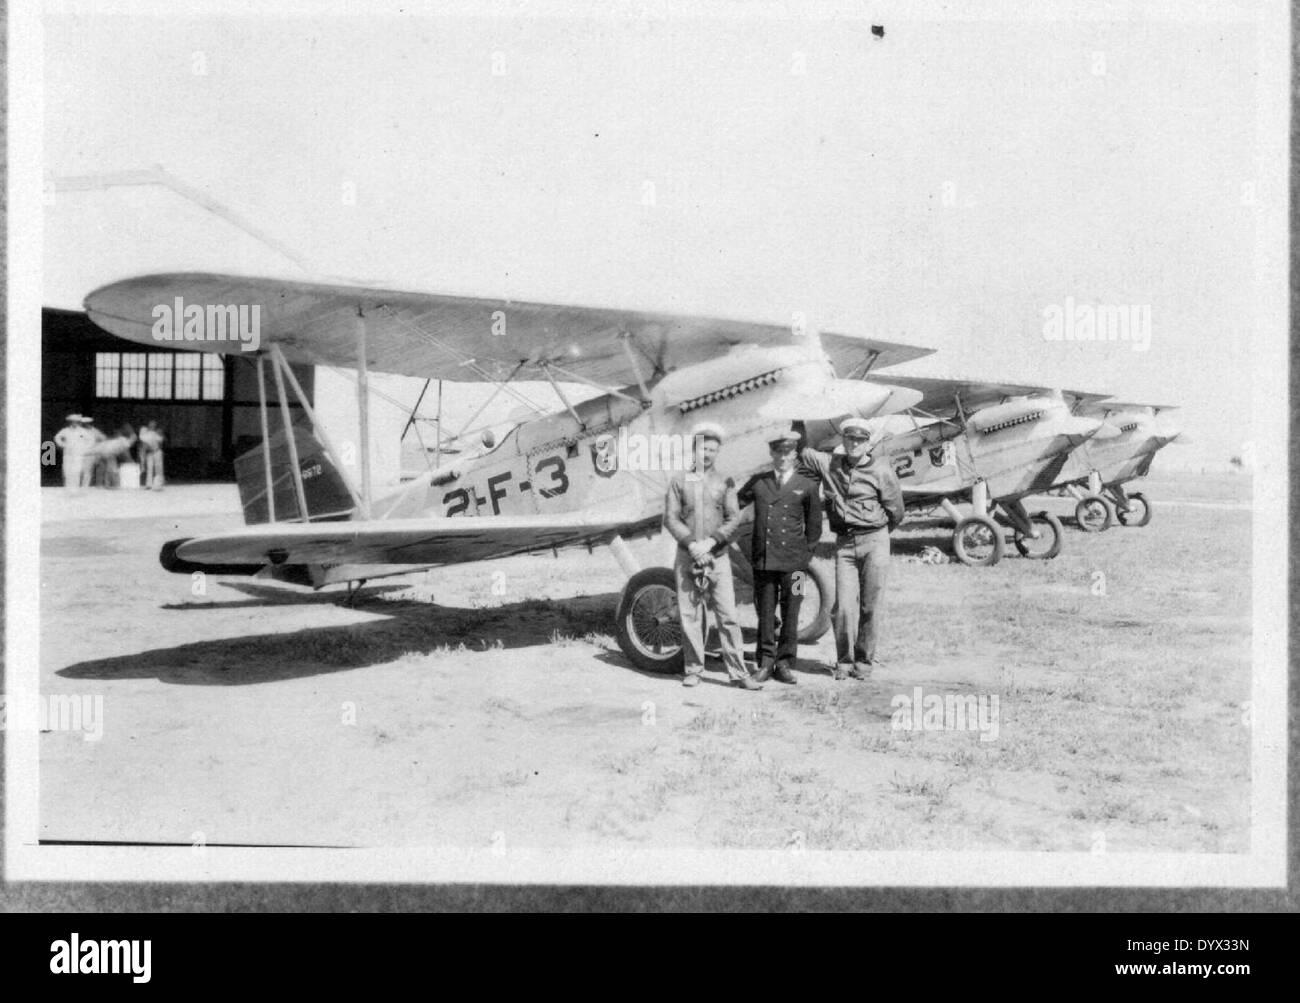 NASNI Historical Archive 052 - Stock Image